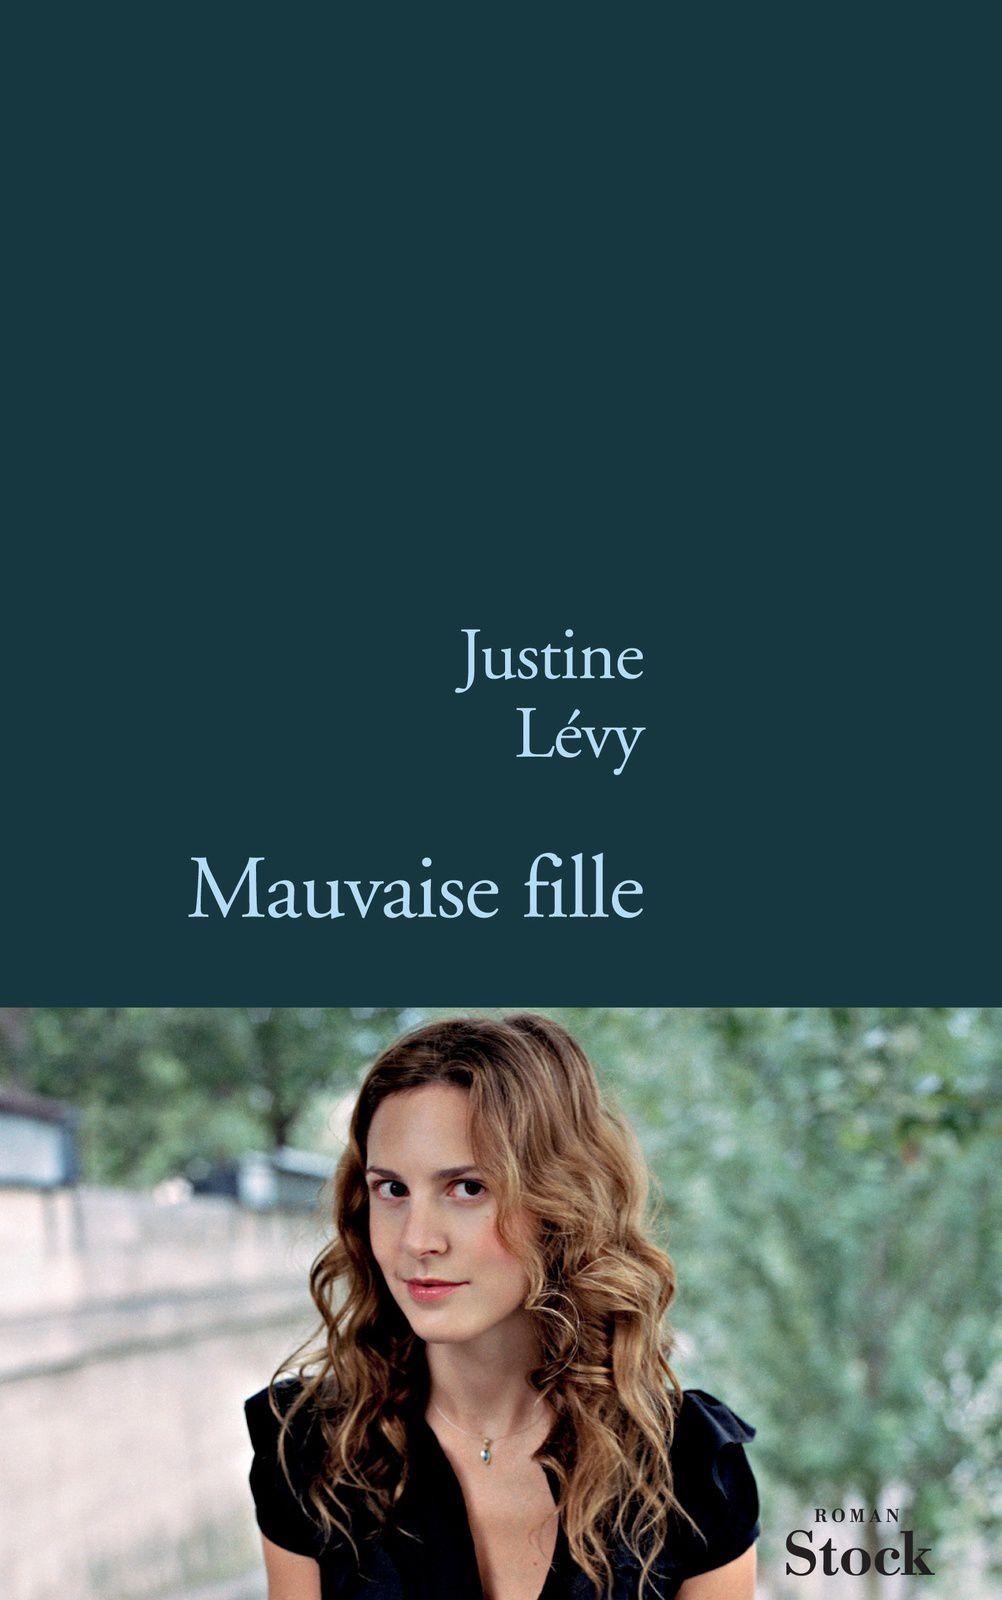 Extrait de Mauvaise fille, de Justine Lévy